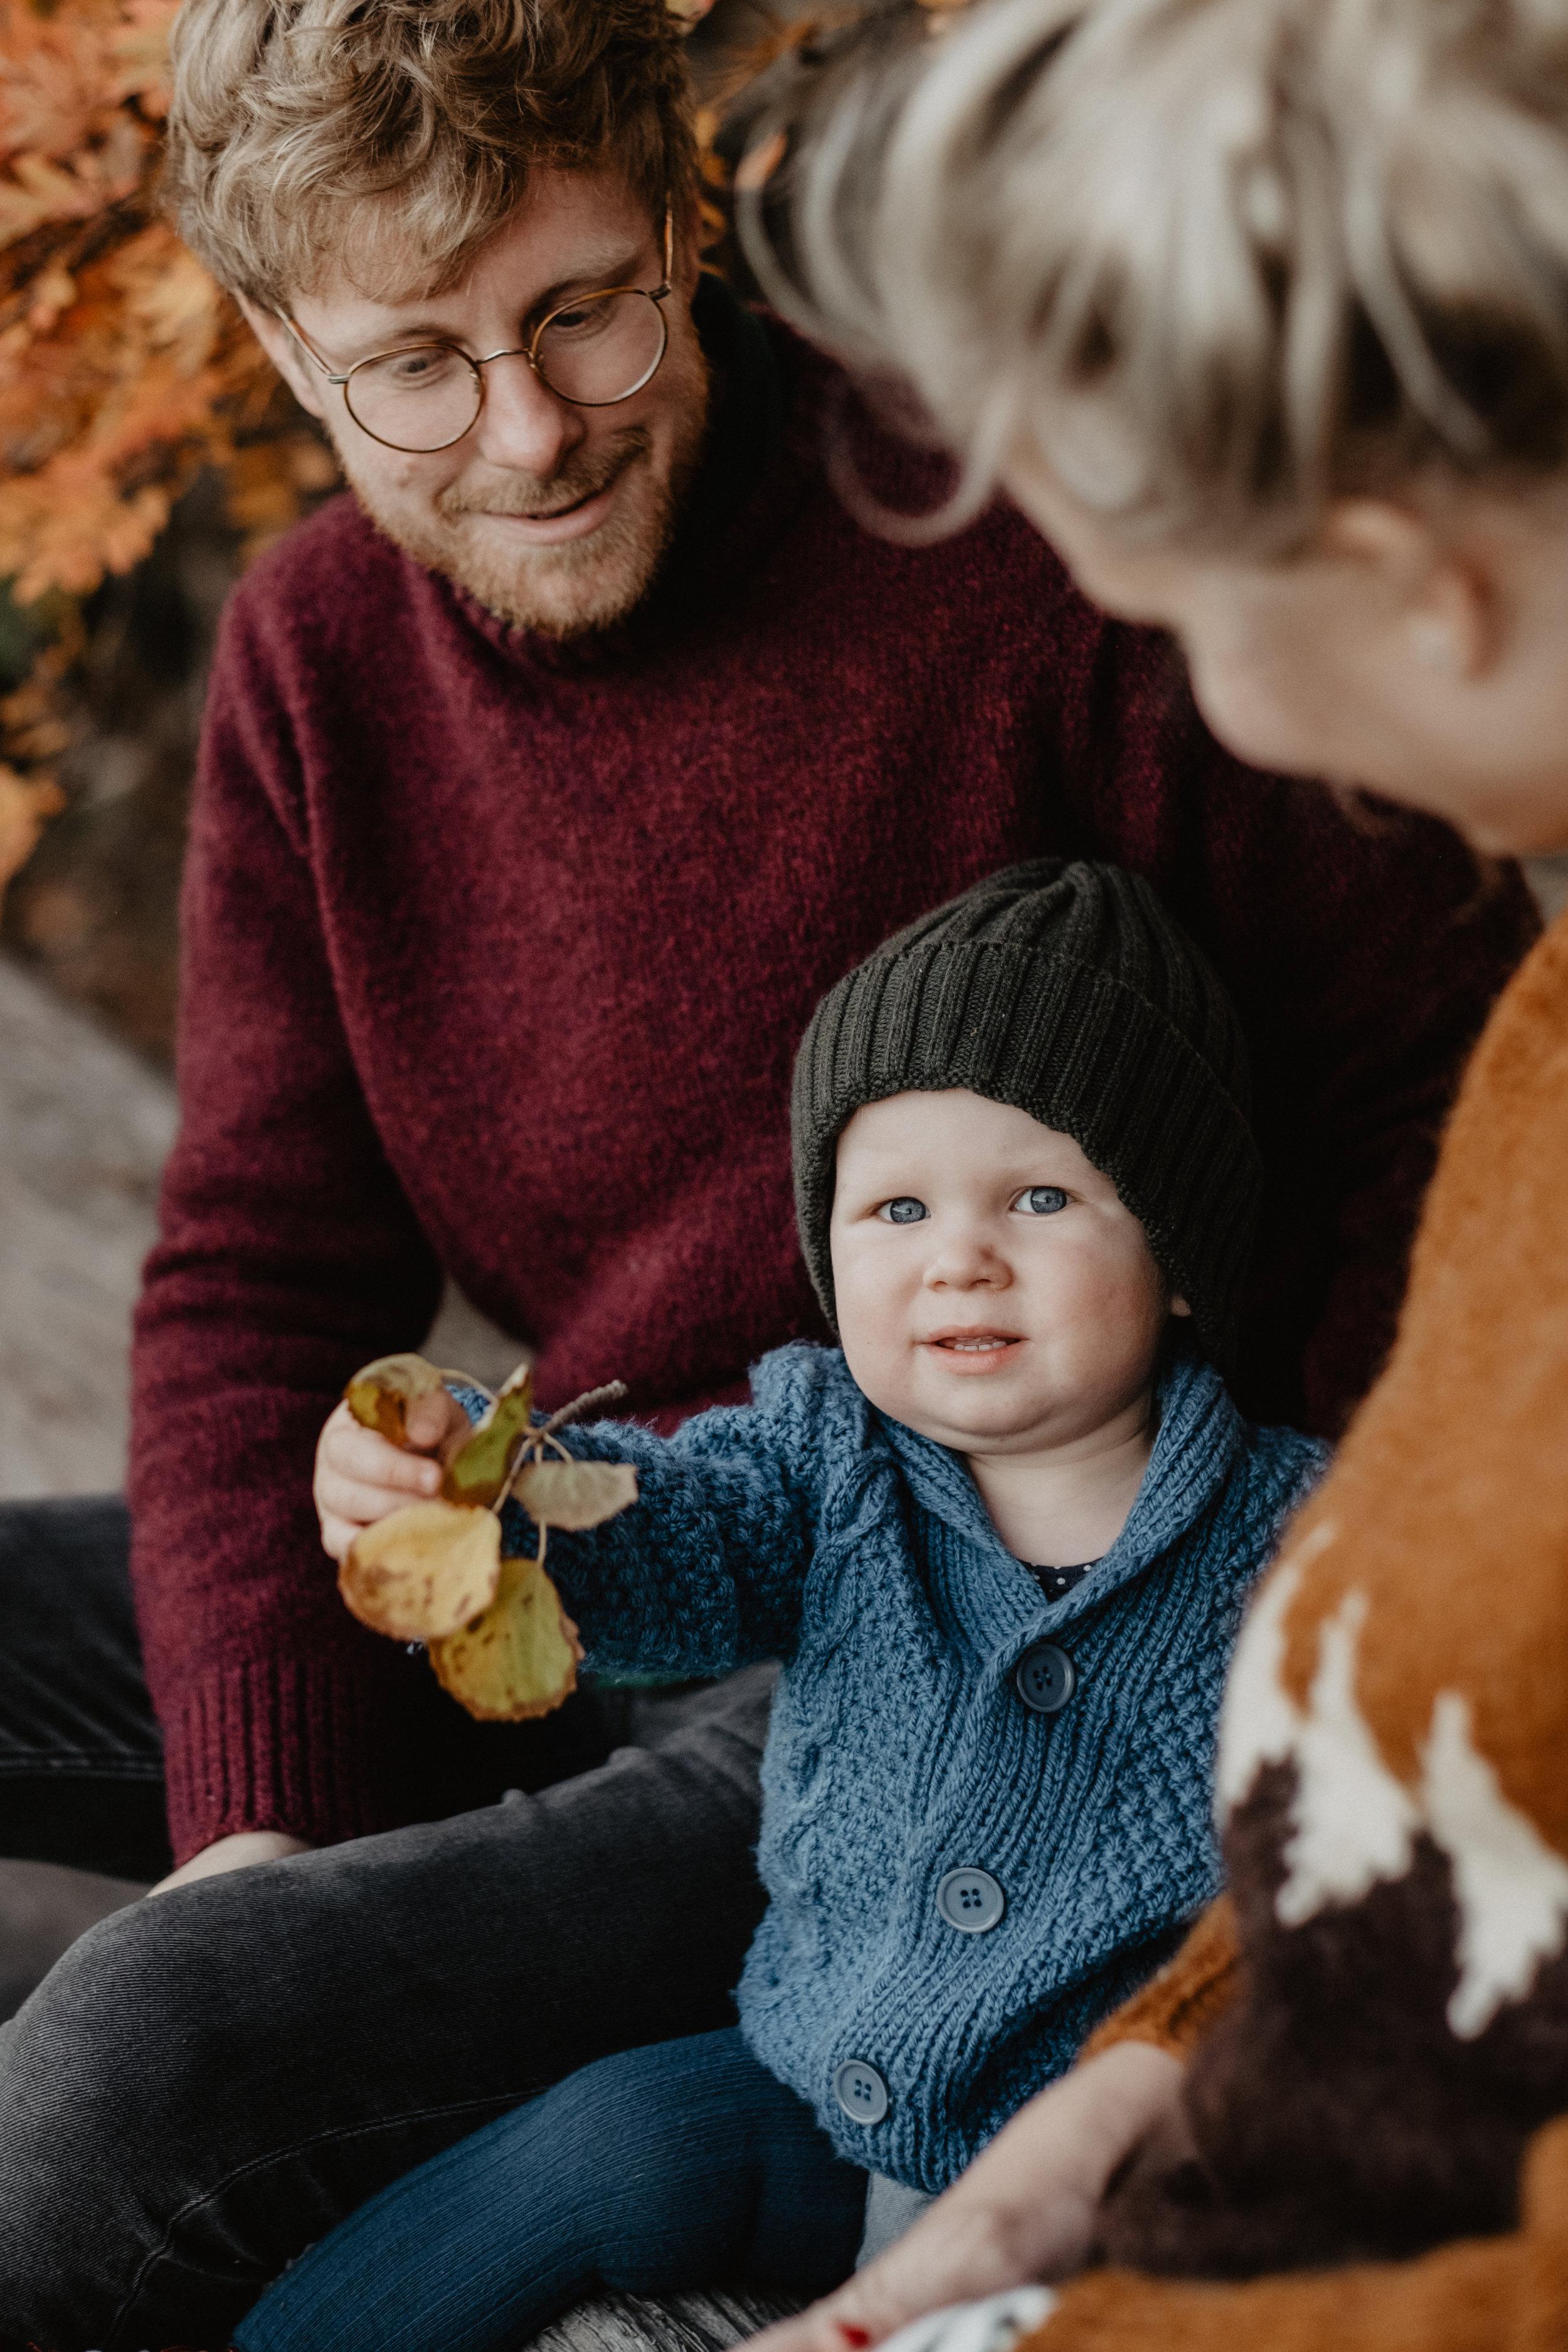 fotograf umeå matildas tillvaro familjefotografering-24325.jpg